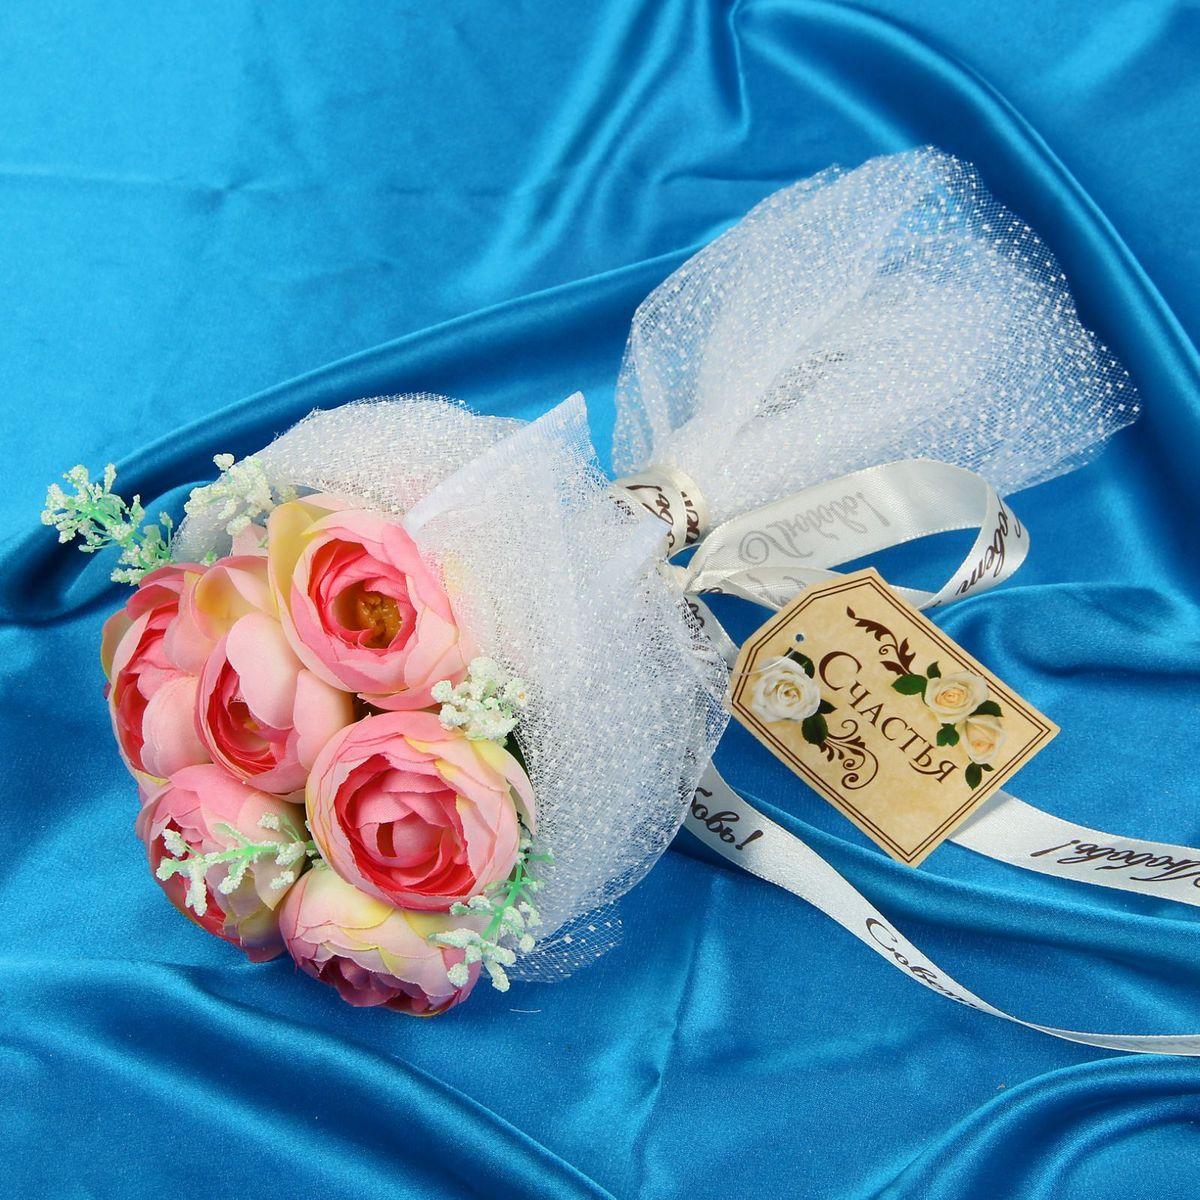 Тюмень, какой букет цветов подарить на свадьбу невесте